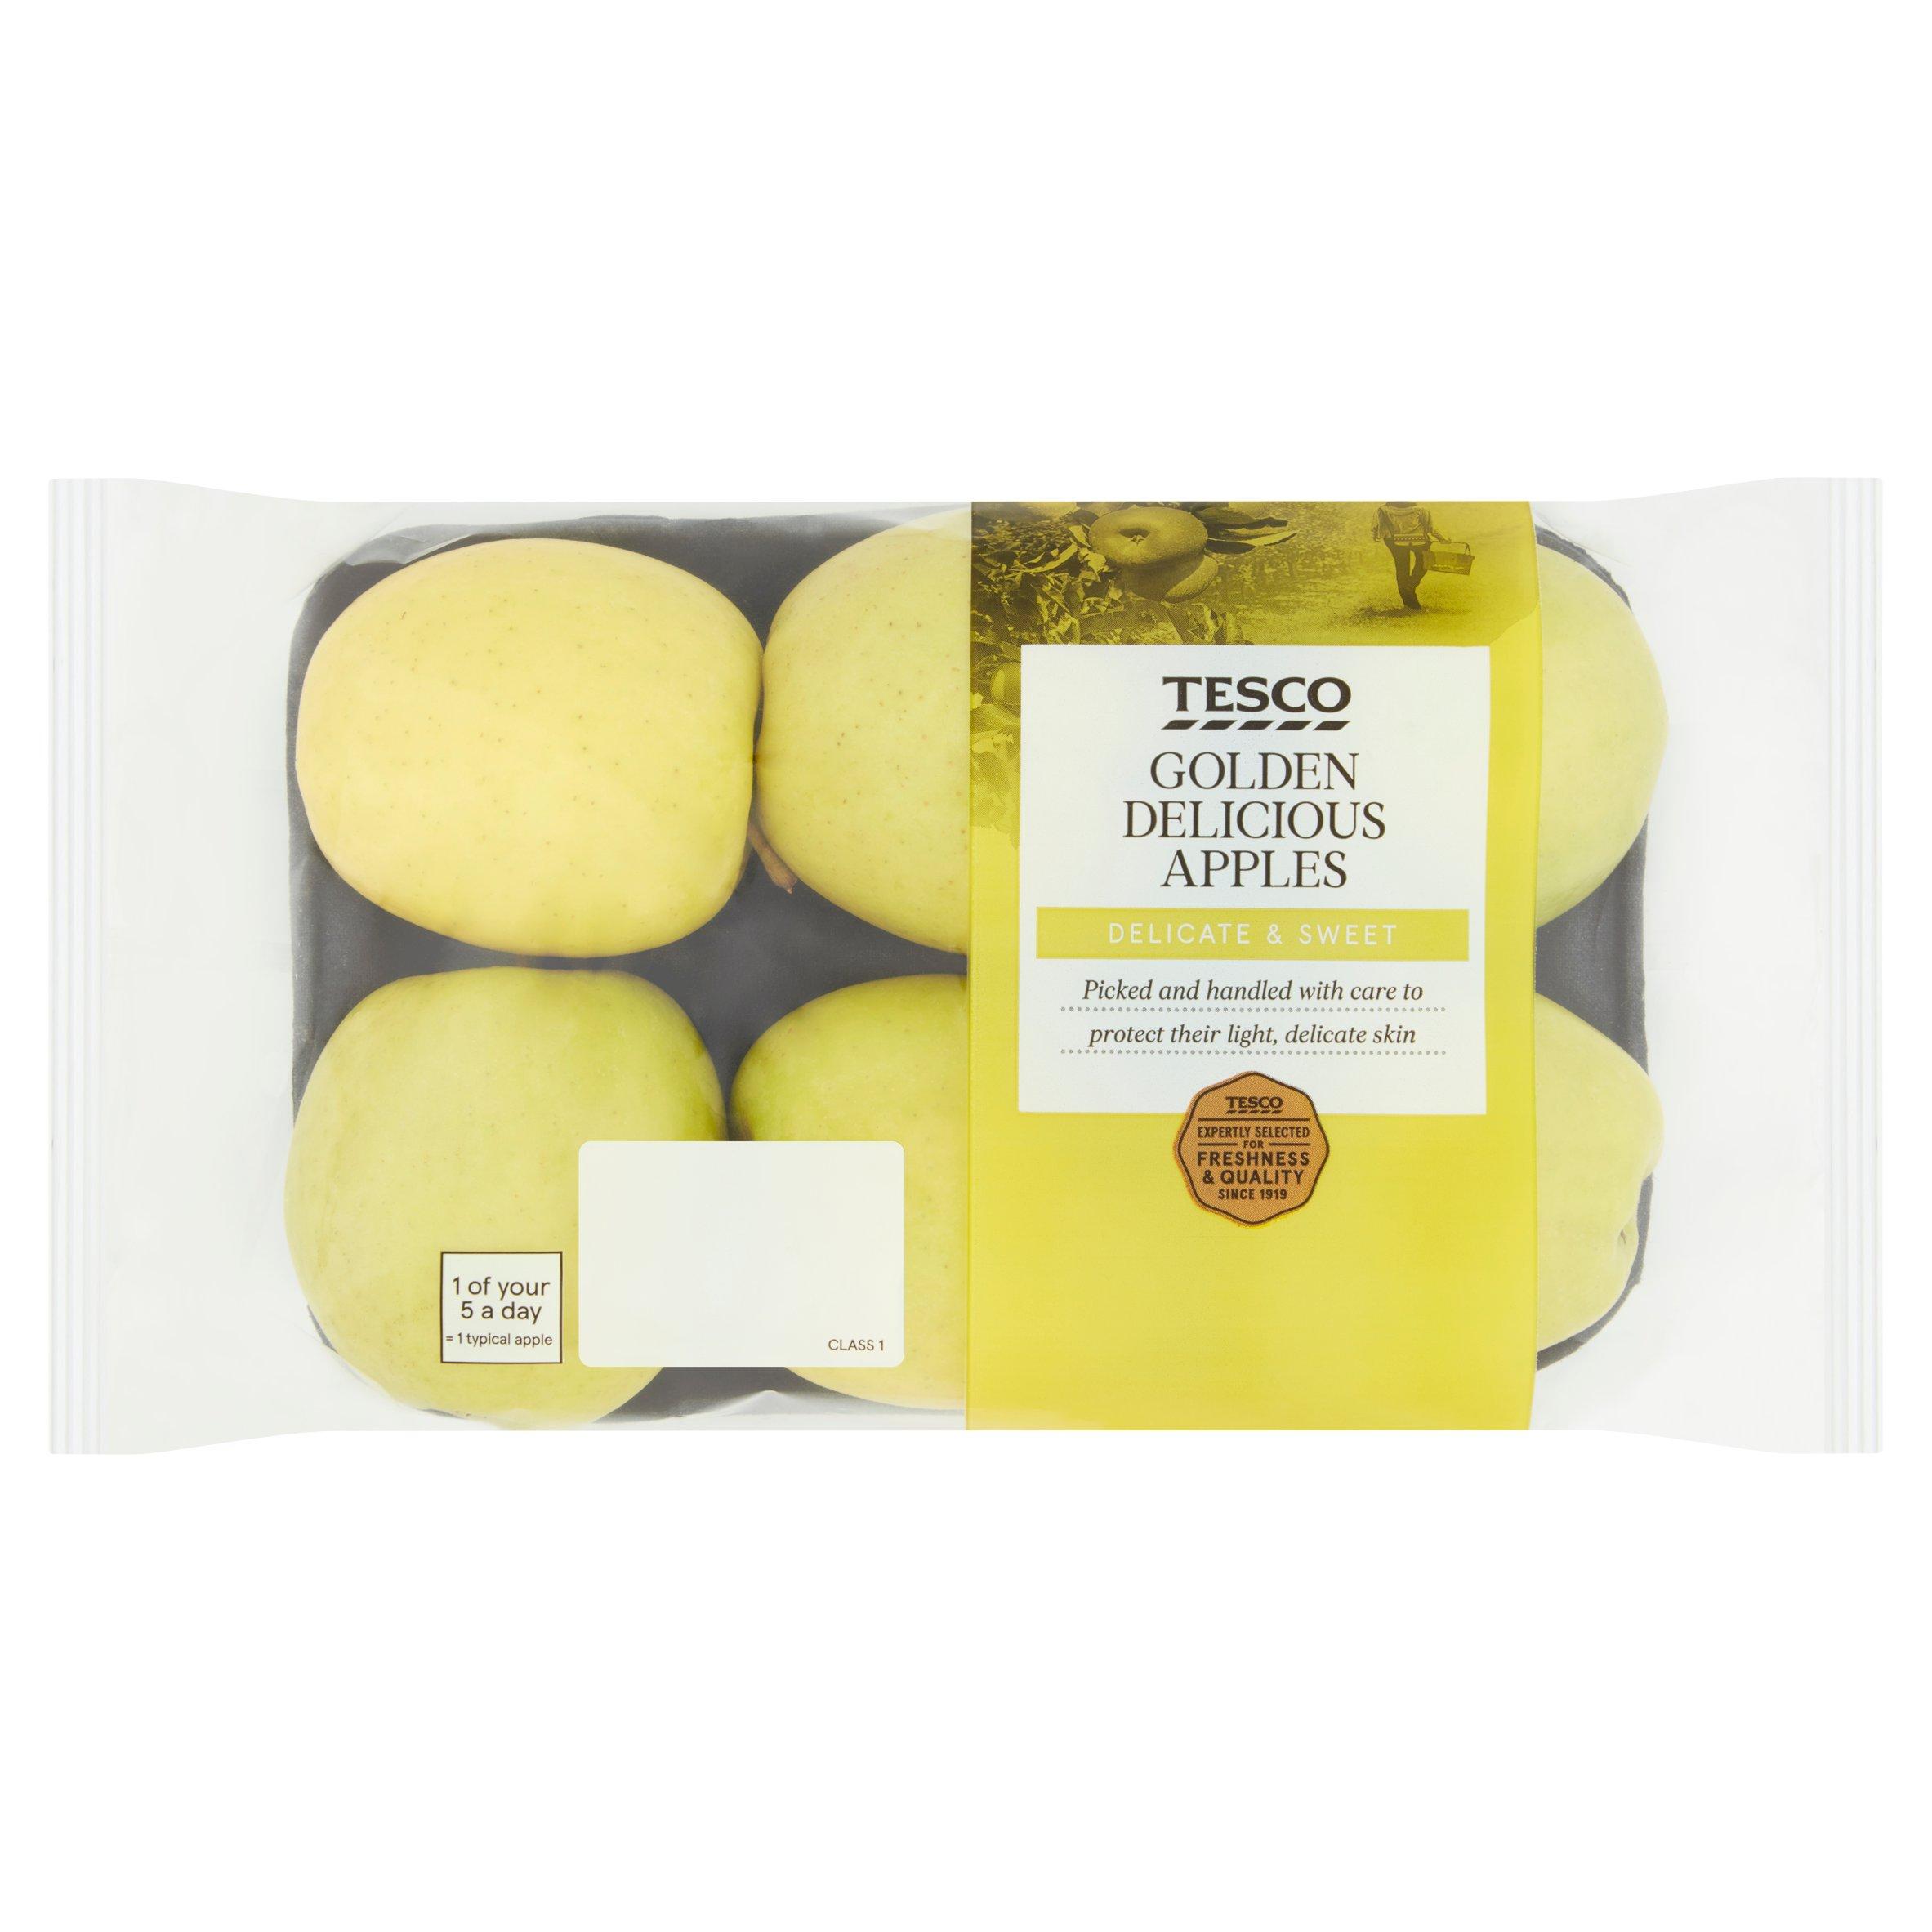 Tesco Golden Delicious Apple Minimum 5